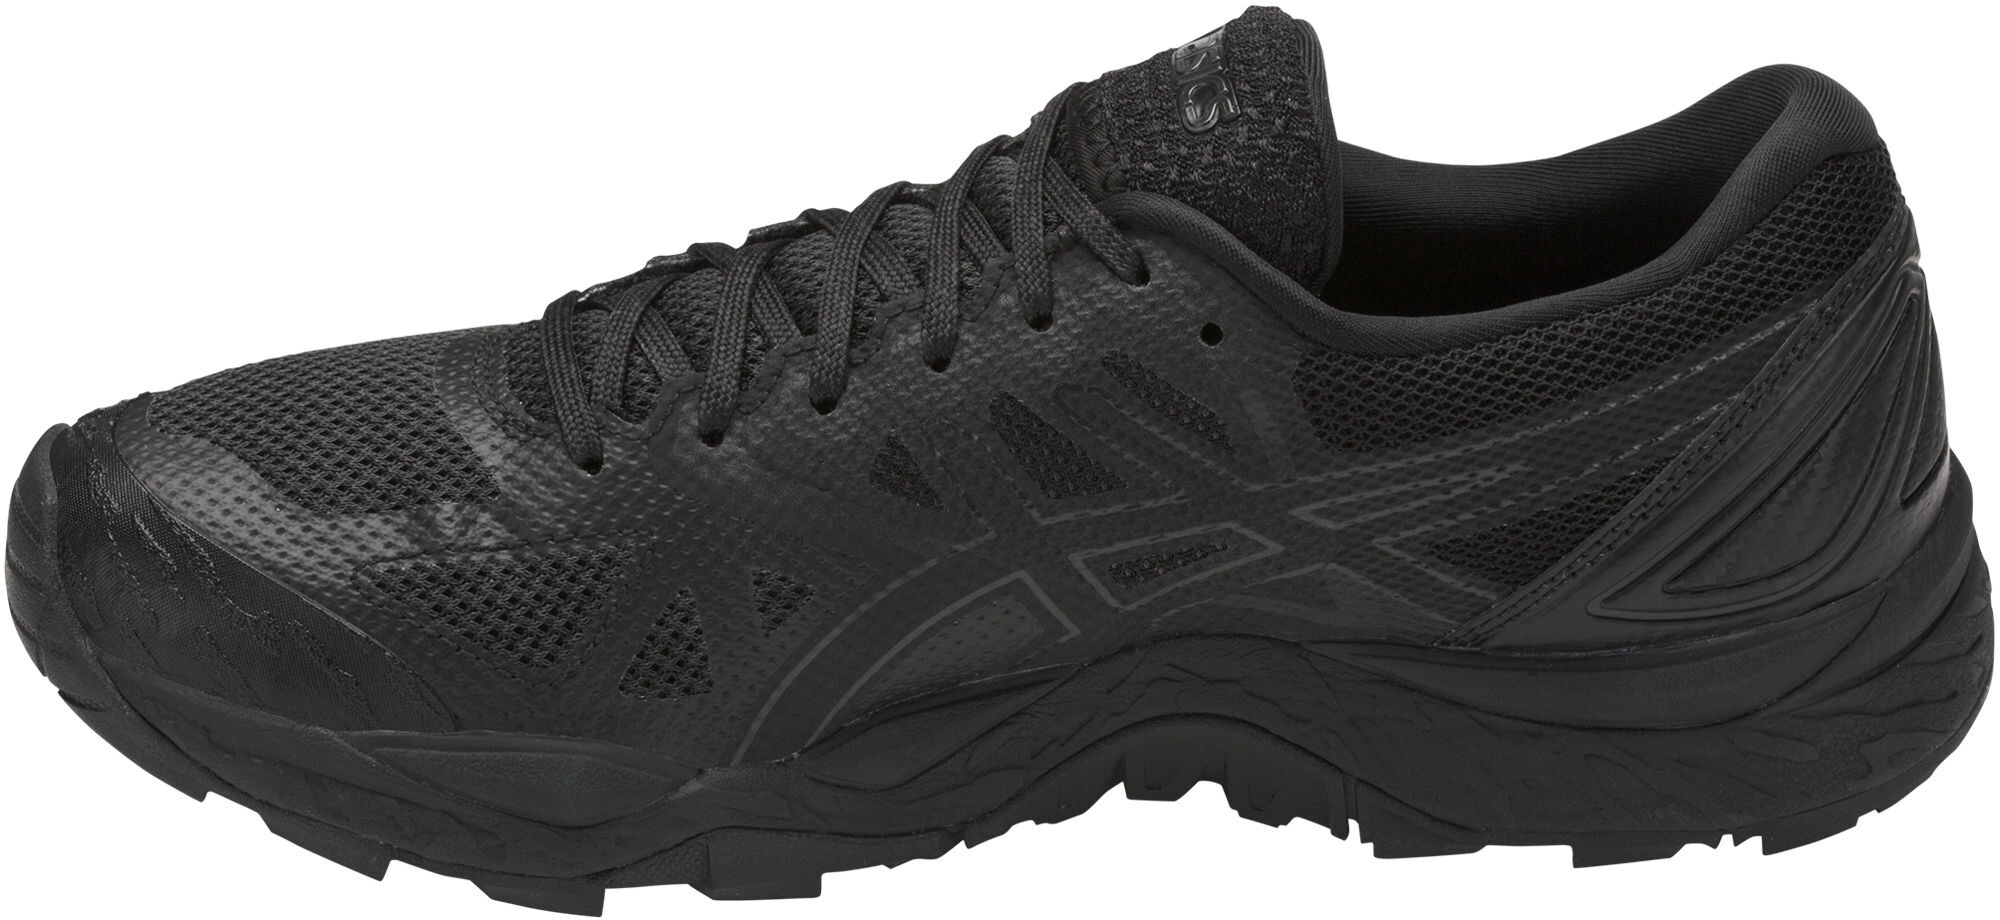 asics Gel-Fujitrabuco 6 G-TX - Zapatillas running Mujer - negro ... 137b59c56fbbd